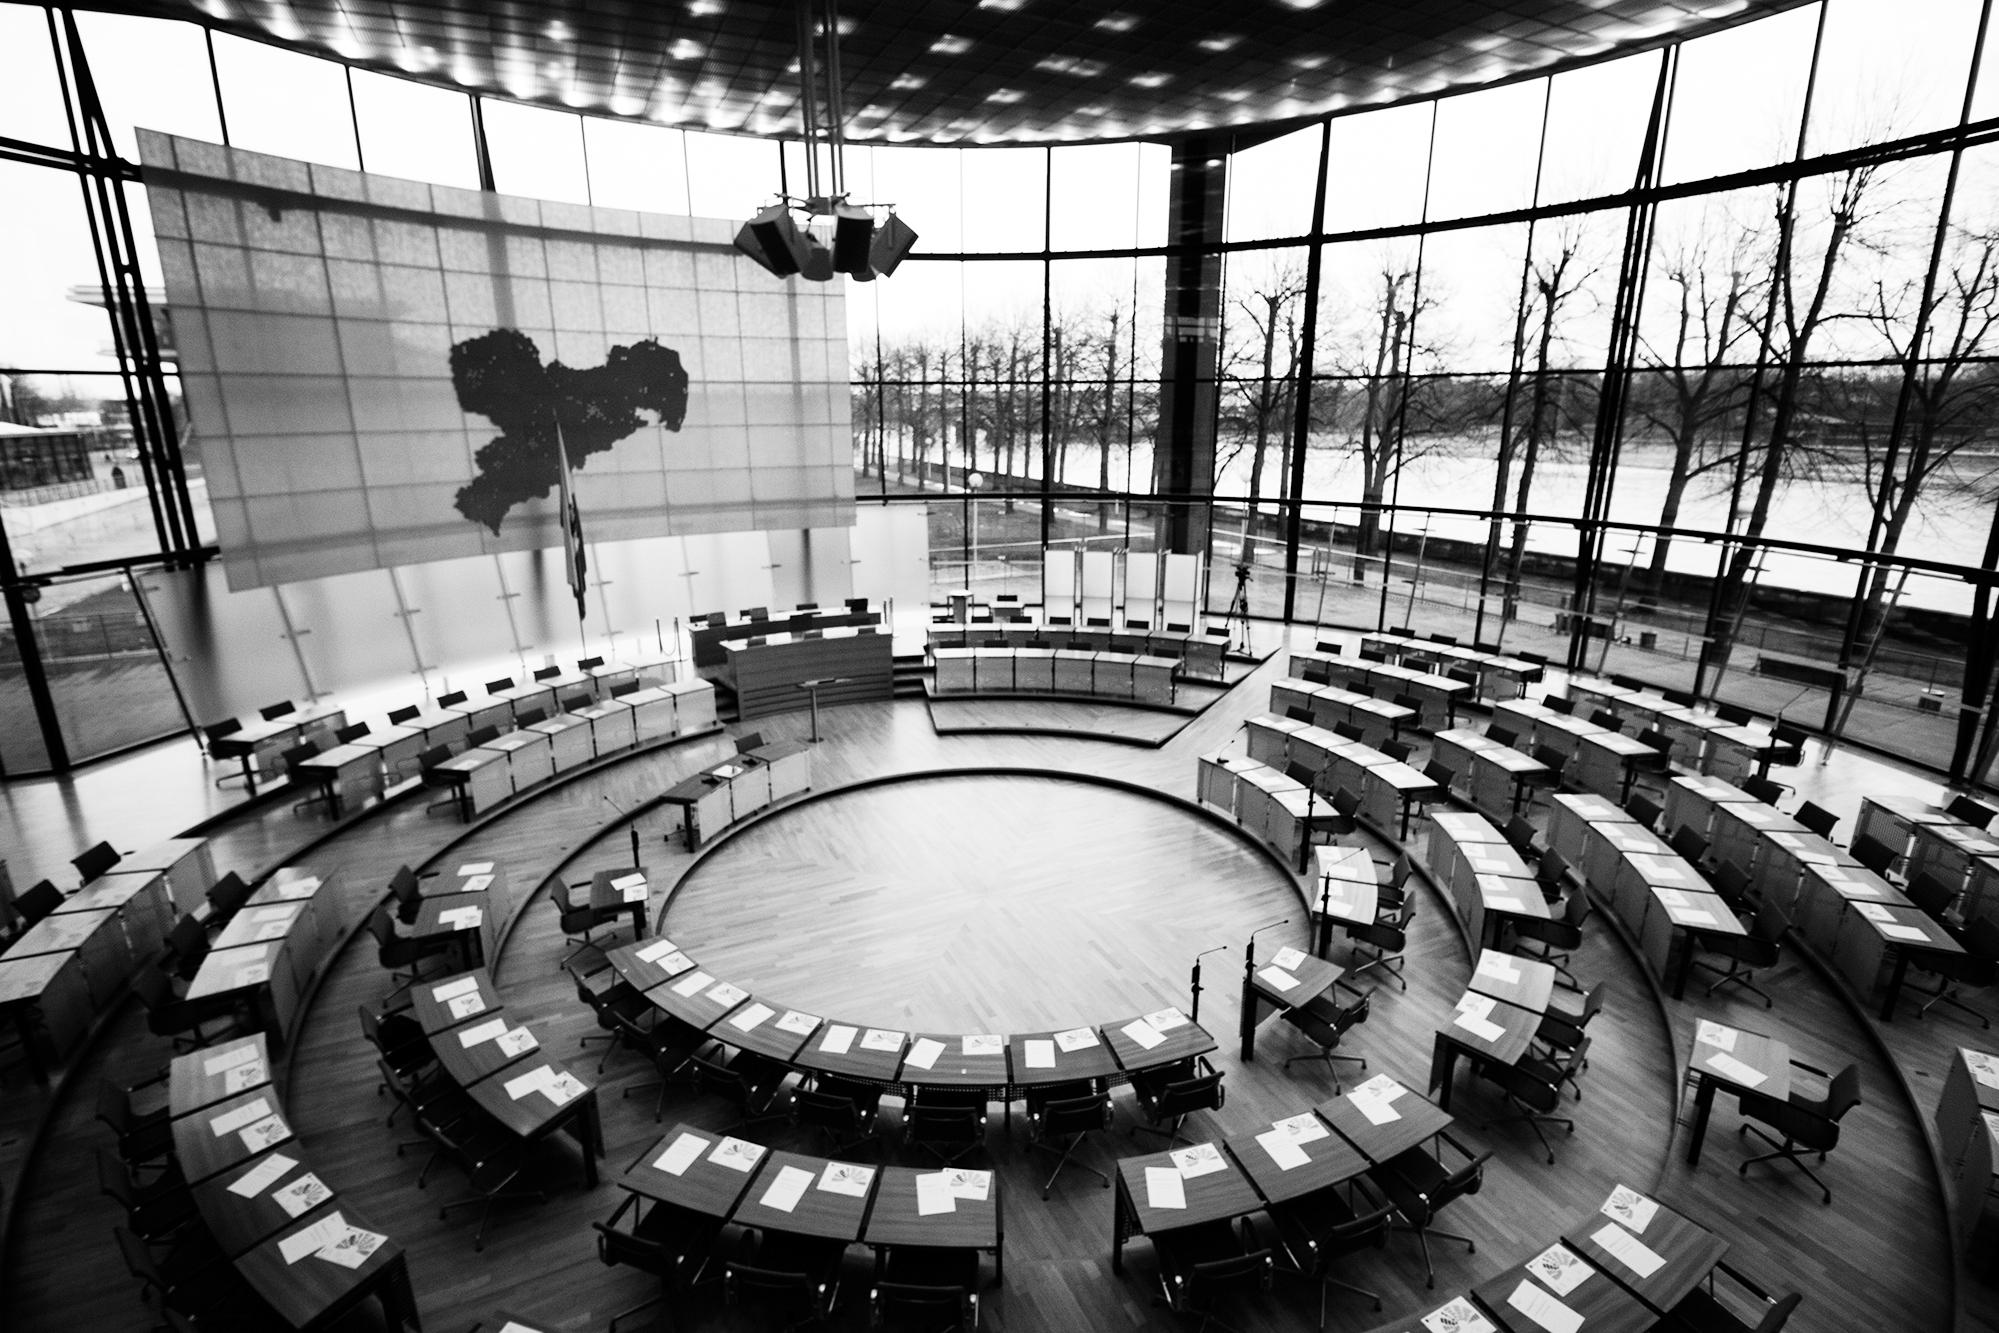 Poltische Bildung in Sachsen umfassend umbauen